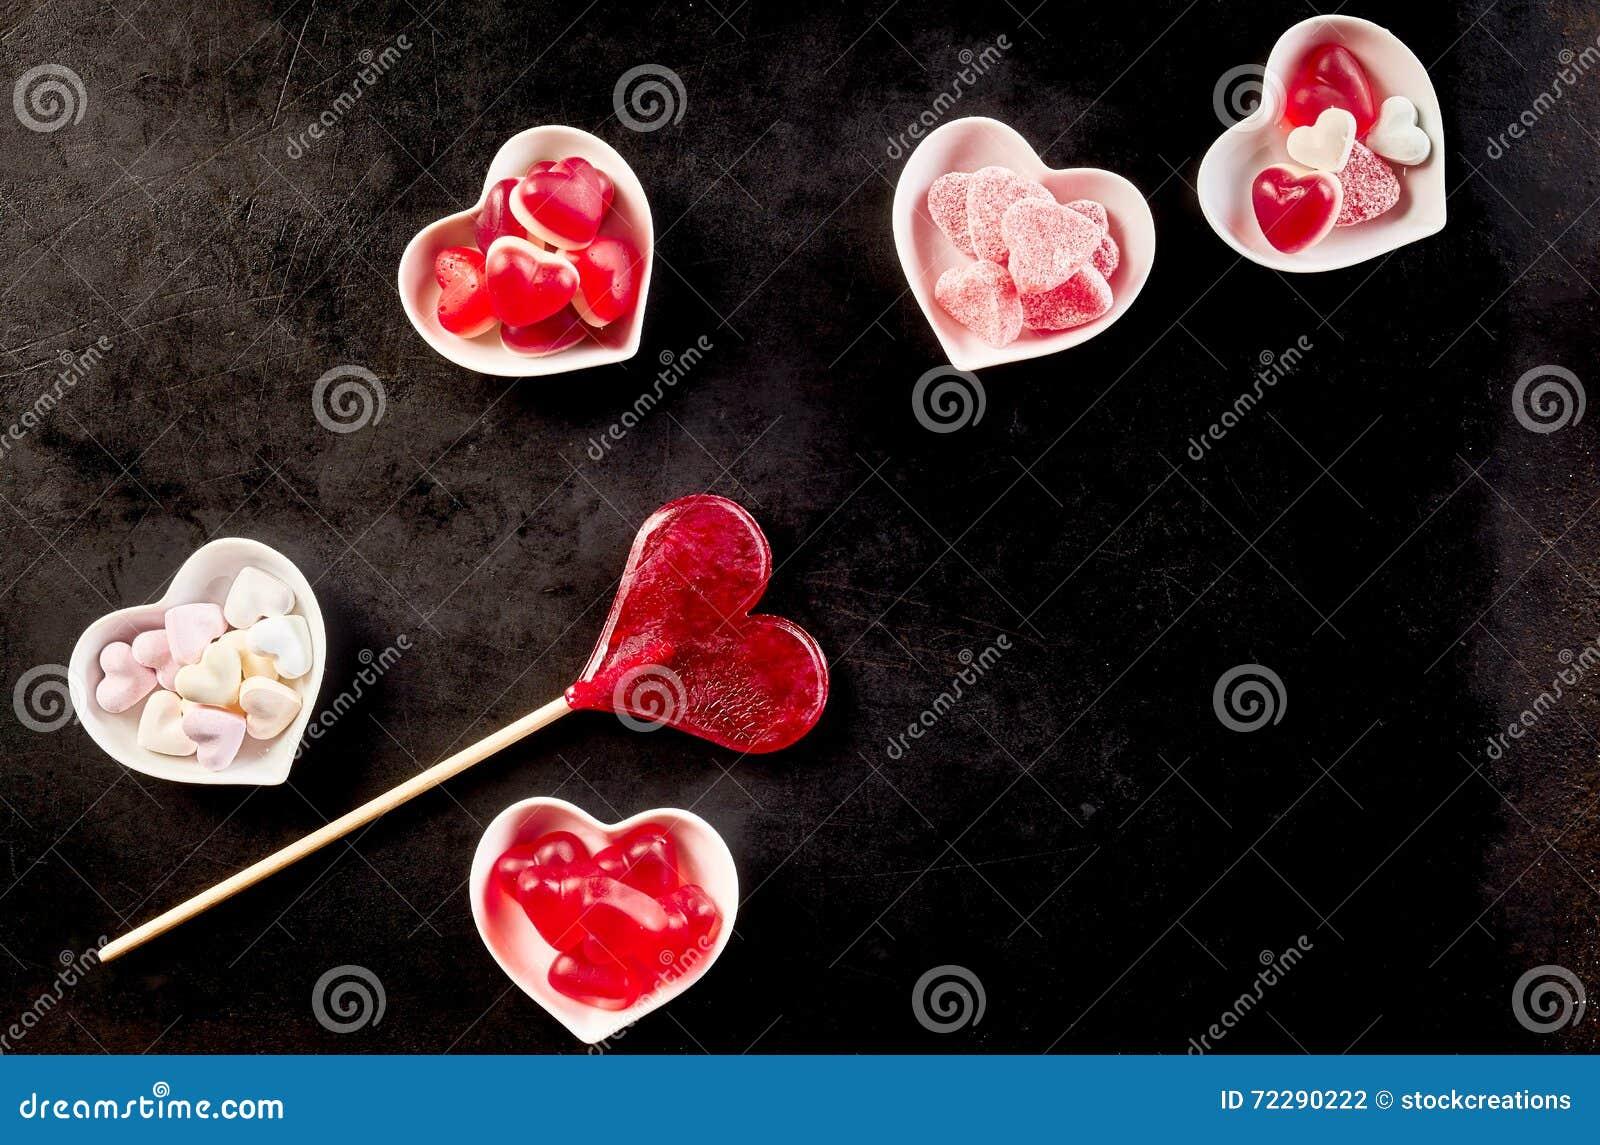 Download Сладостные Confections сидя в керамических шарах Стоковое Фото - изображение насчитывающей angiosperms, лодкамиамфибий: 72290222